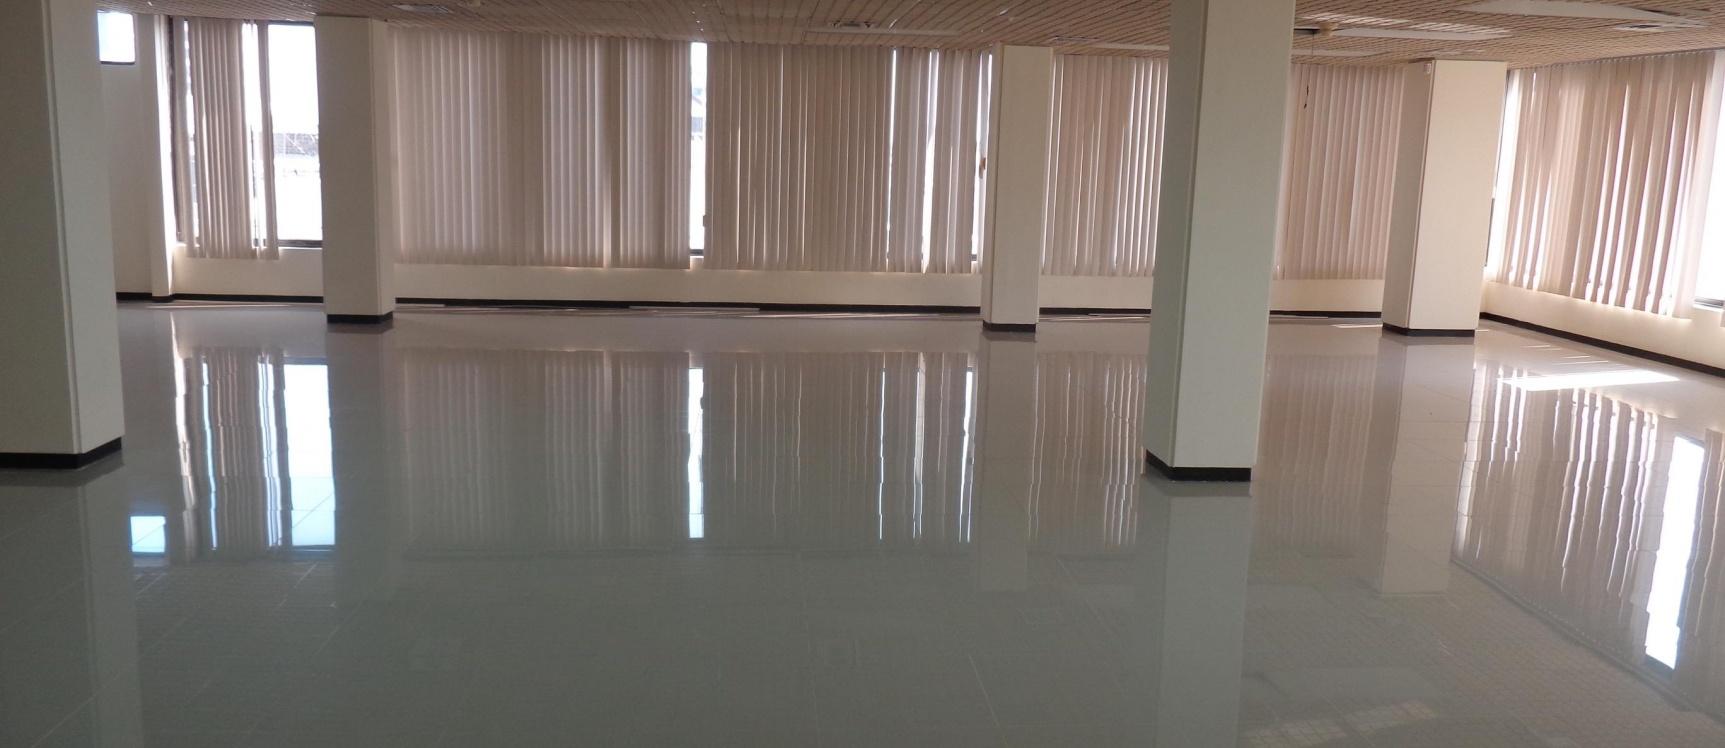 GeoBienes - Alquilo oficina en Pedro Carbo Y Velez, centro de Guayaquil - Plusvalia Guayaquil Casas de venta y alquiler Inmobiliaria Ecuador